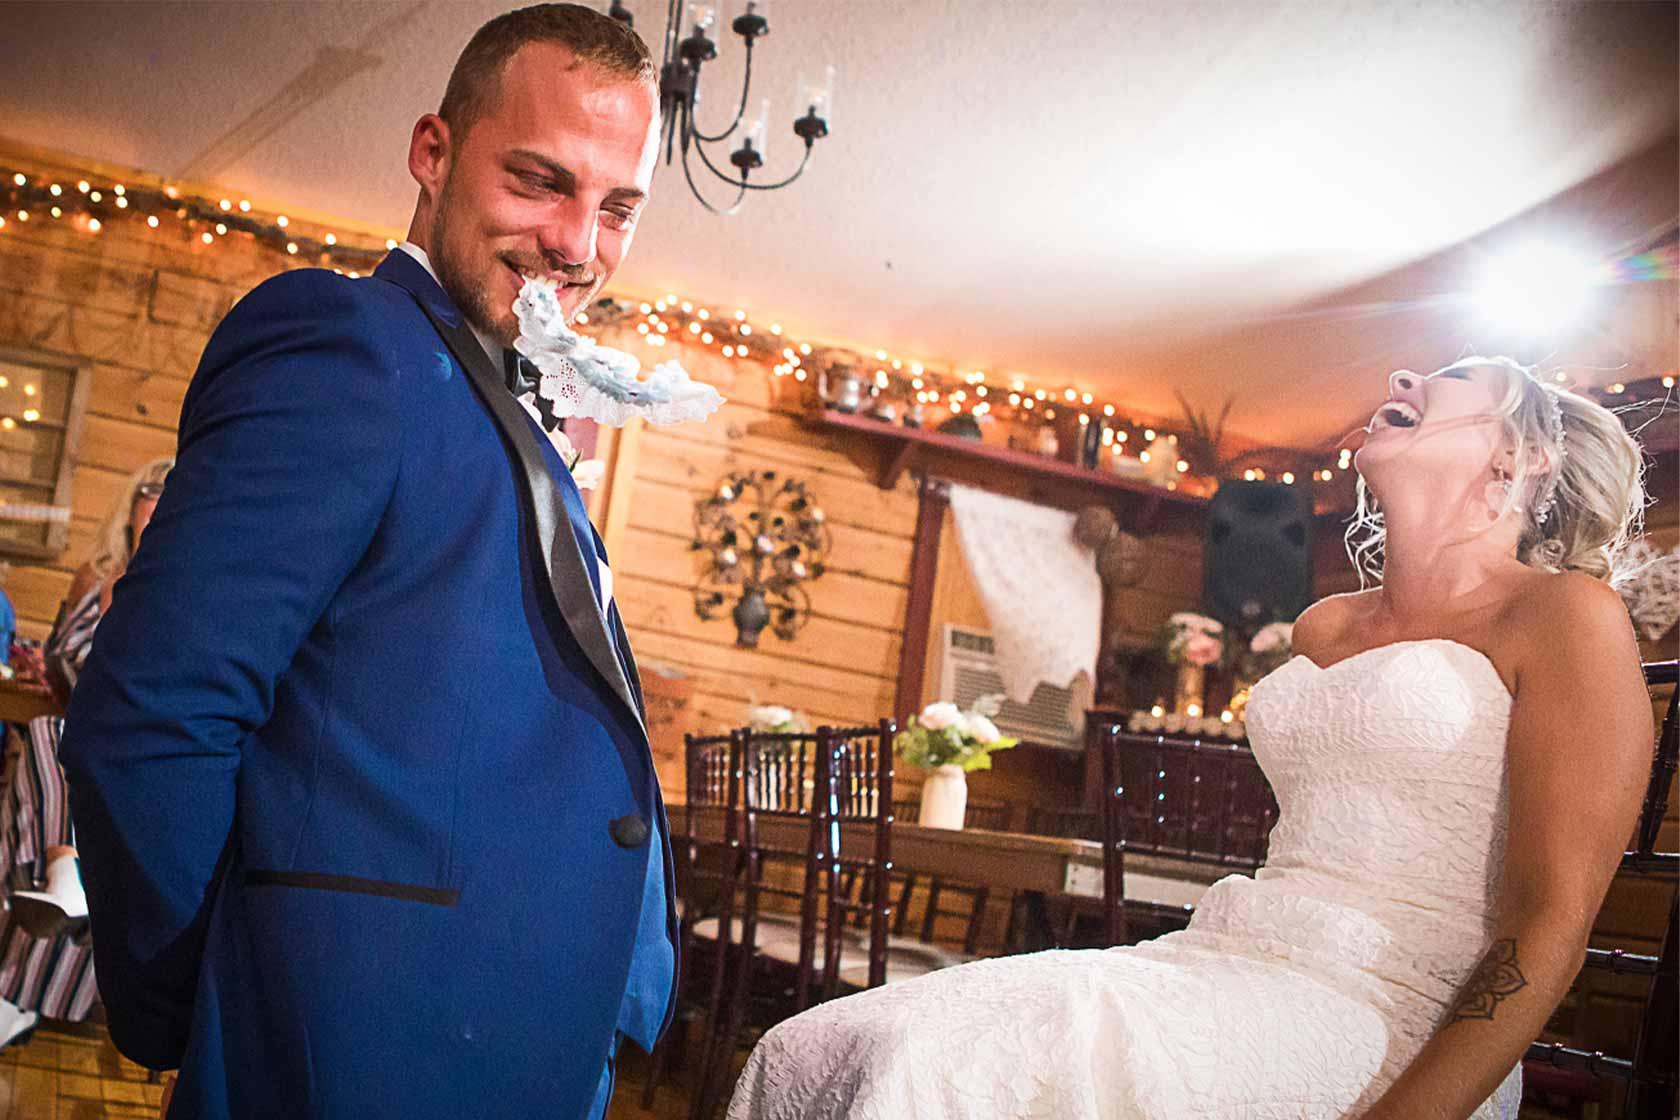 Danylo-Bobyk-Wedding-Photography-Stacey-Kenneth-09